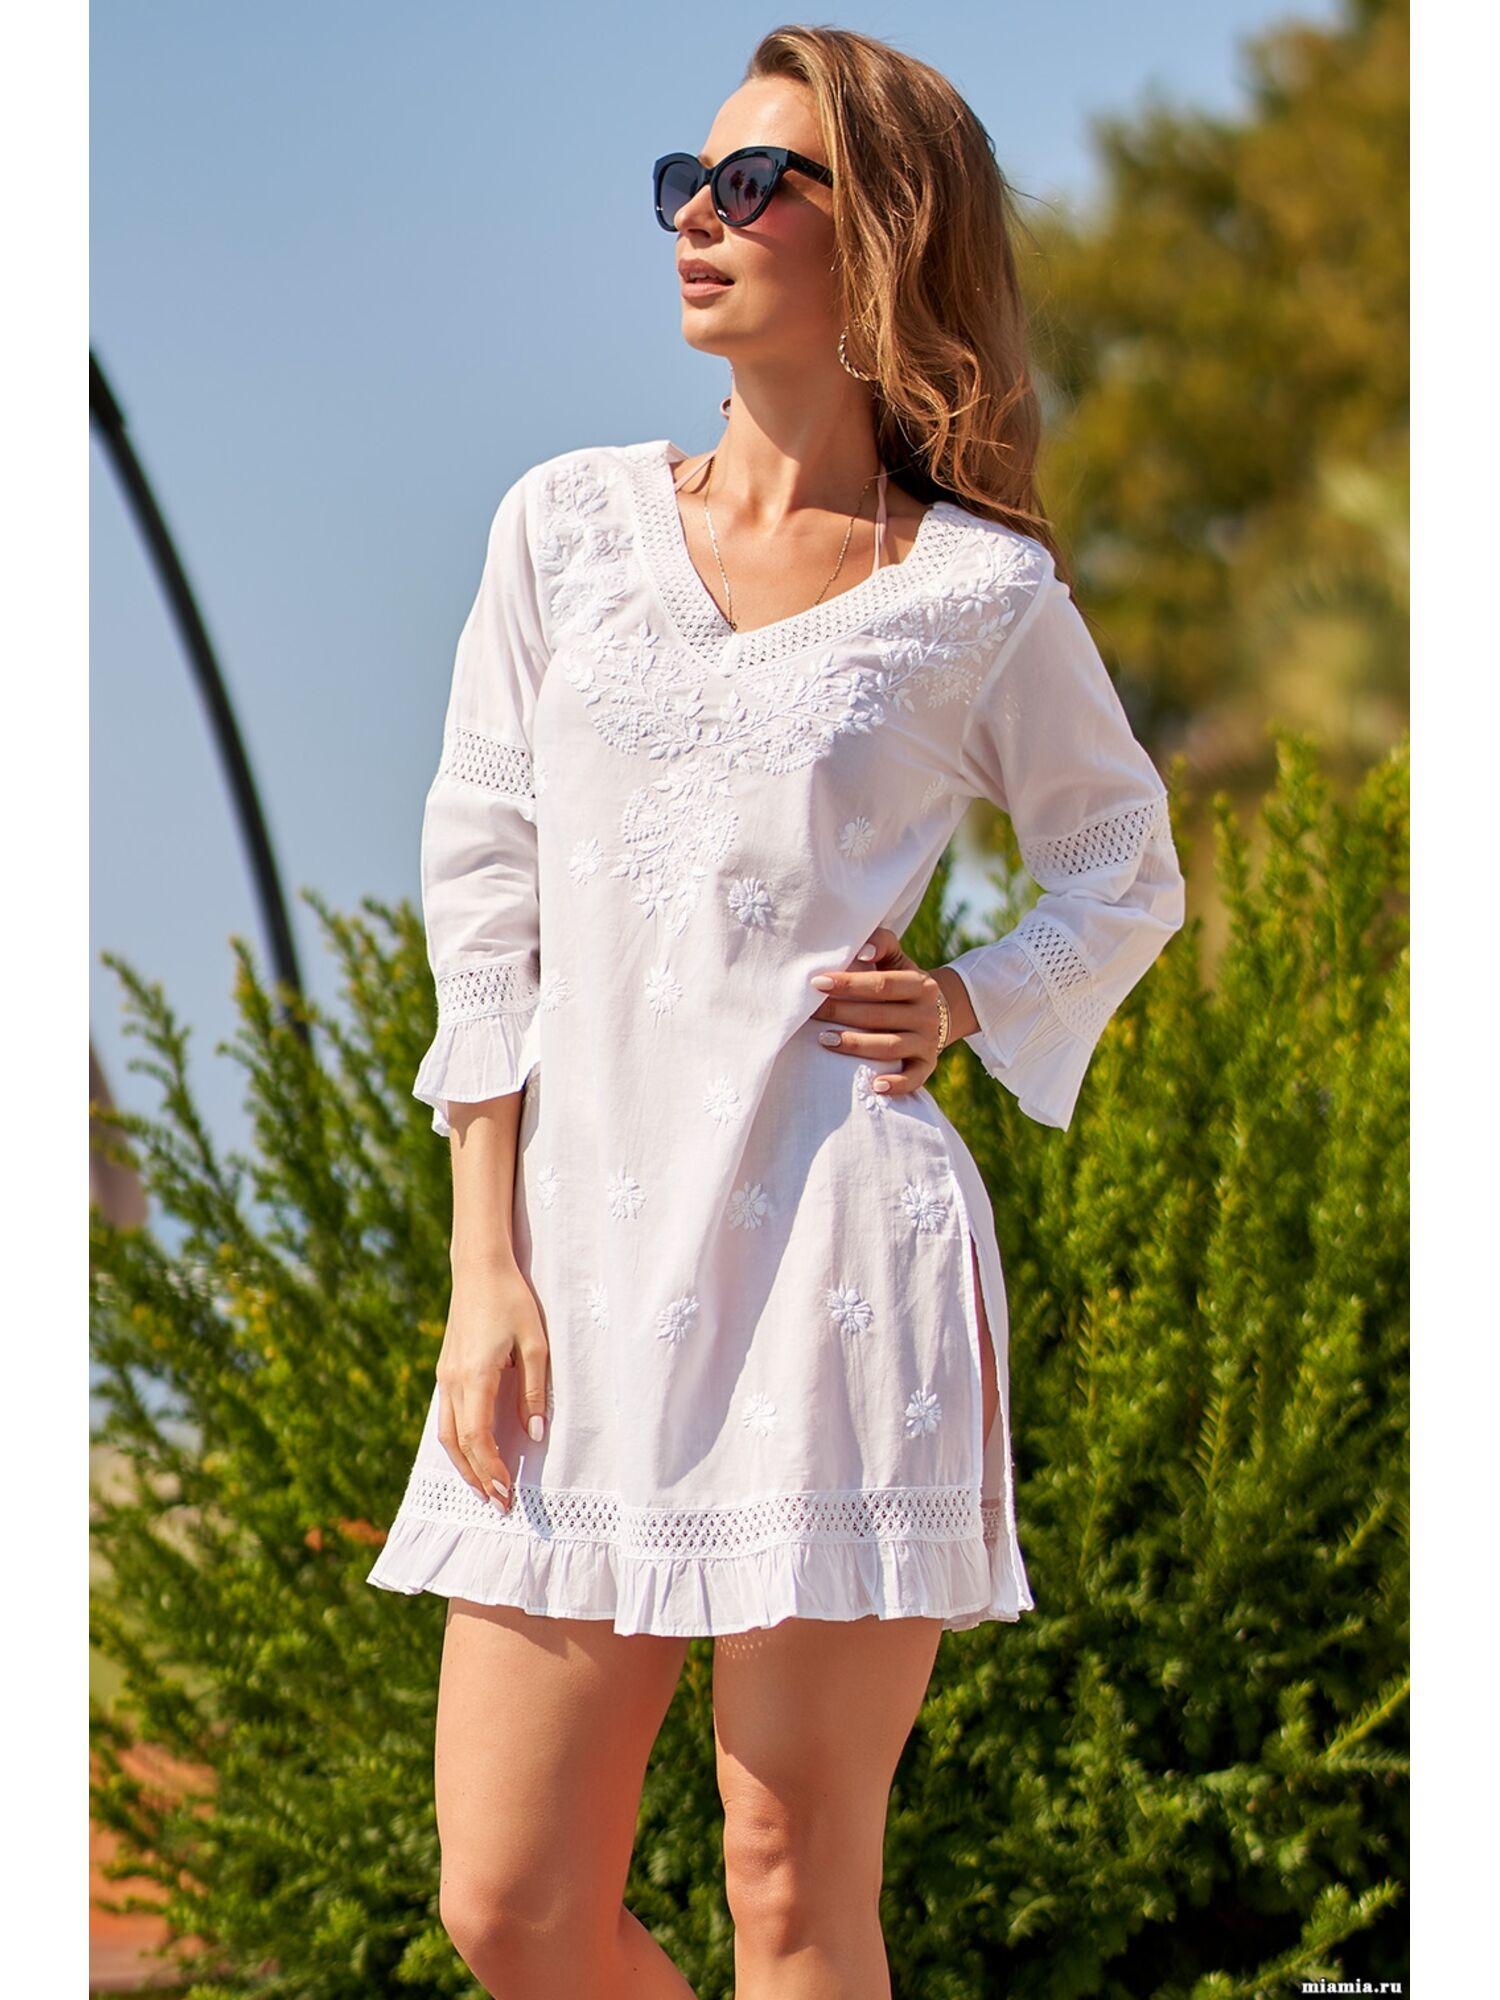 Туника пляжная хлопковая Доминикана 1361, белый, Mia-Amore